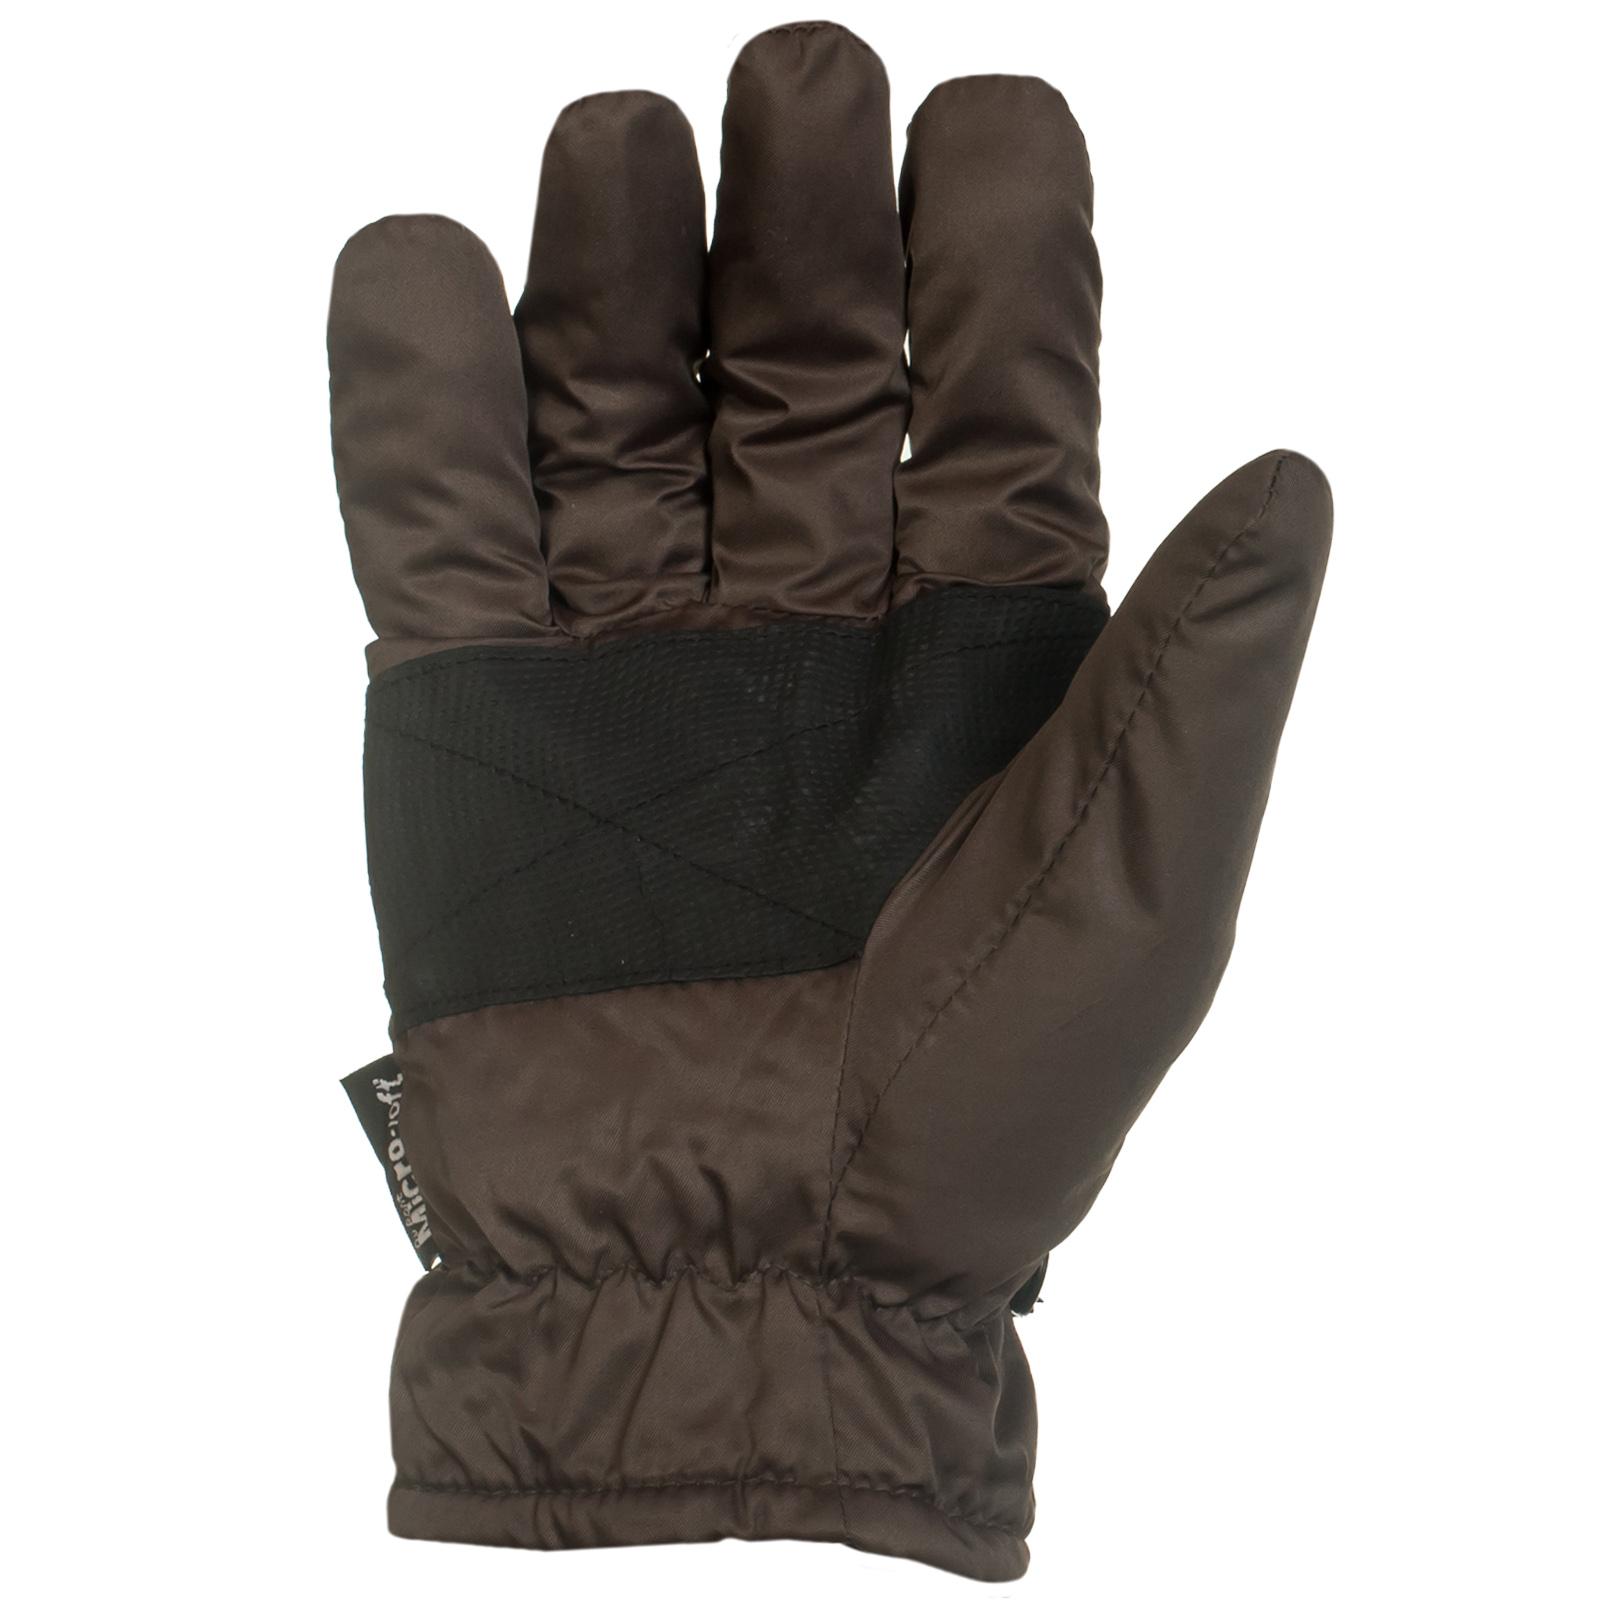 Купить оливковые перчатки с черными вставками на ладонях с доставкой выгодно